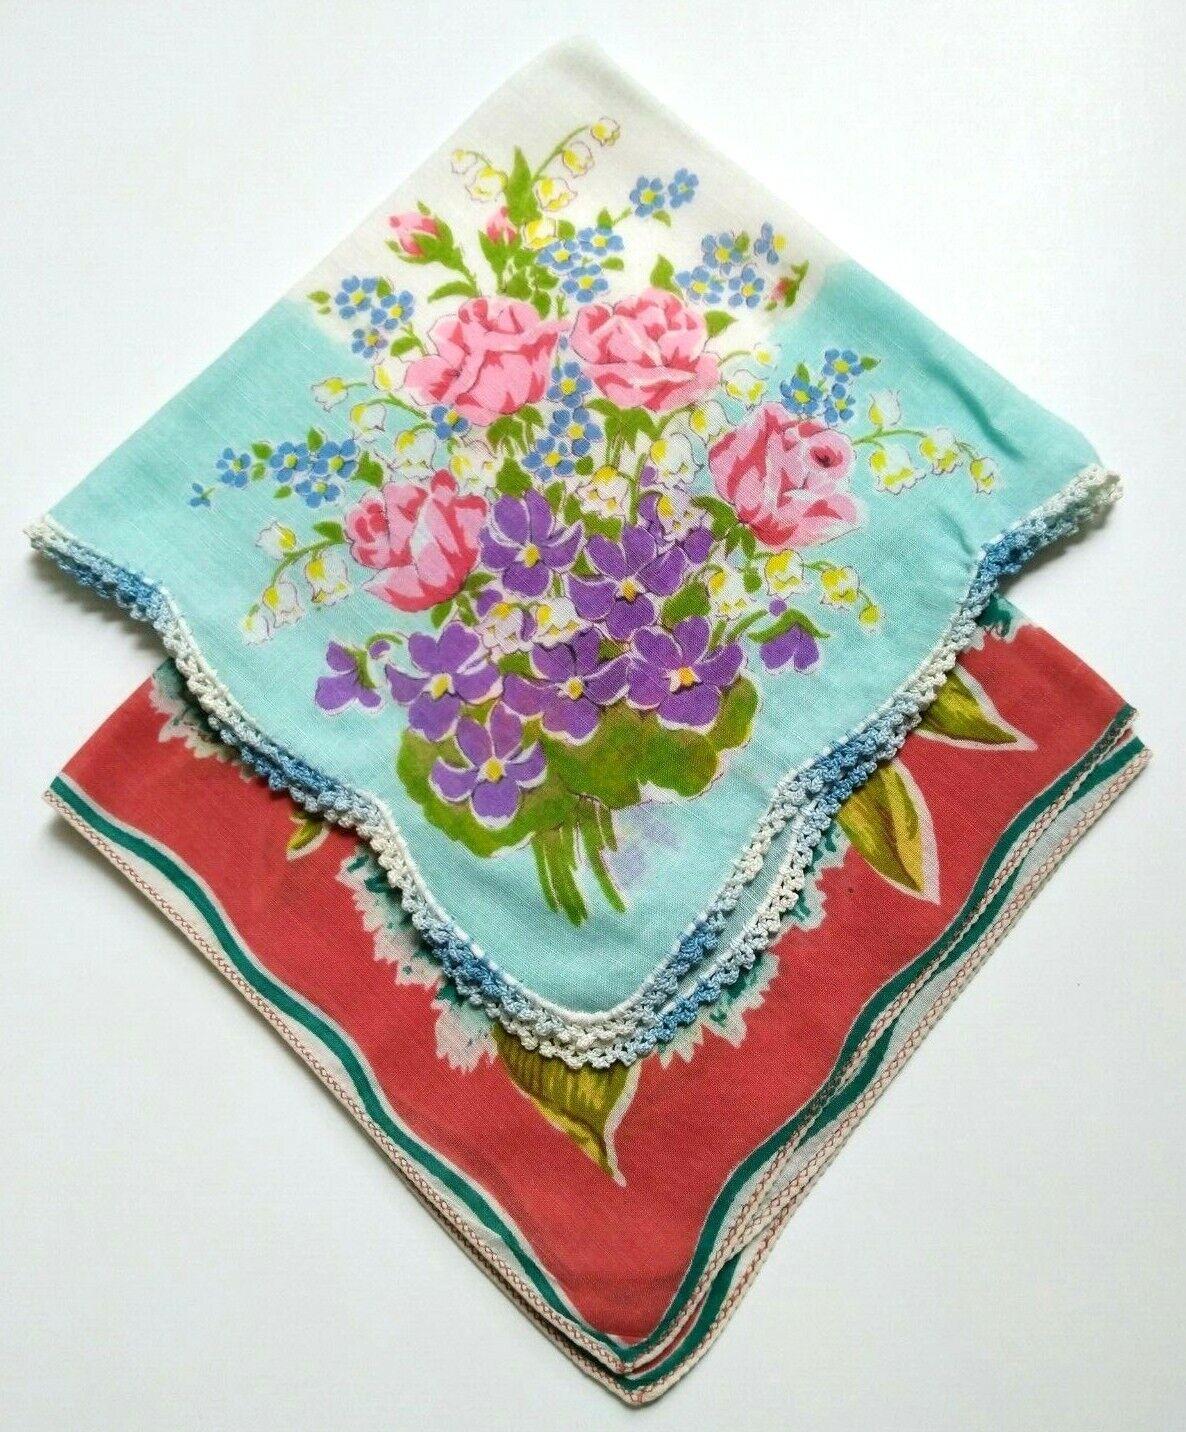 Set of 2 Vintage 1940/1950 Handkerchief -Printed Flowers Crochet pink blue red